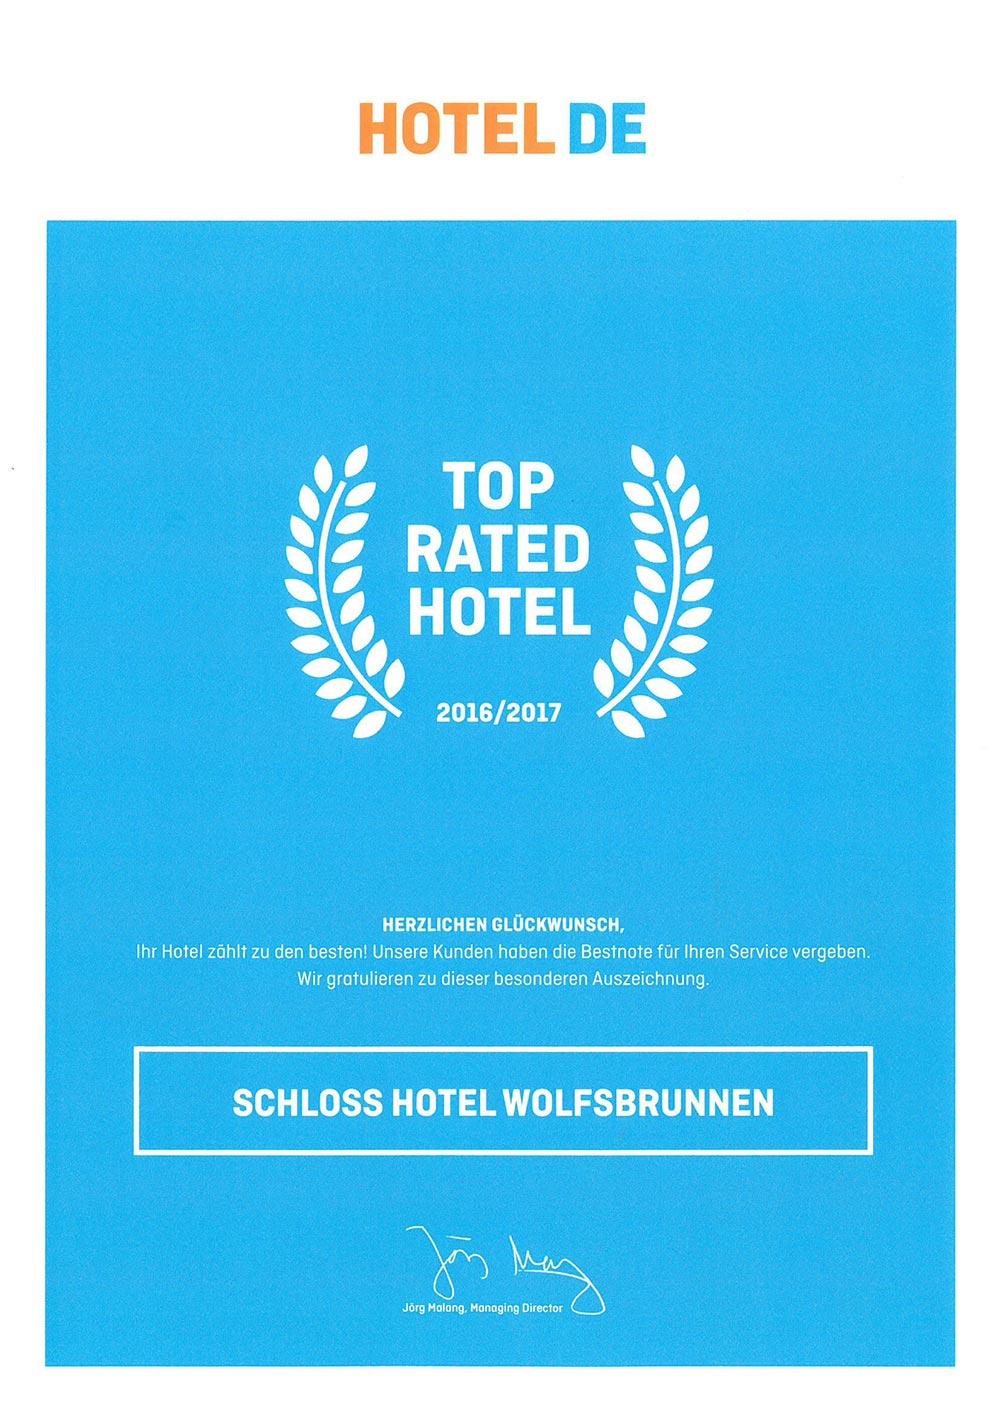 Награда нашего отеля в Германии Schloss Wolfsbrunnen (Волчий Источник) от hotel.de